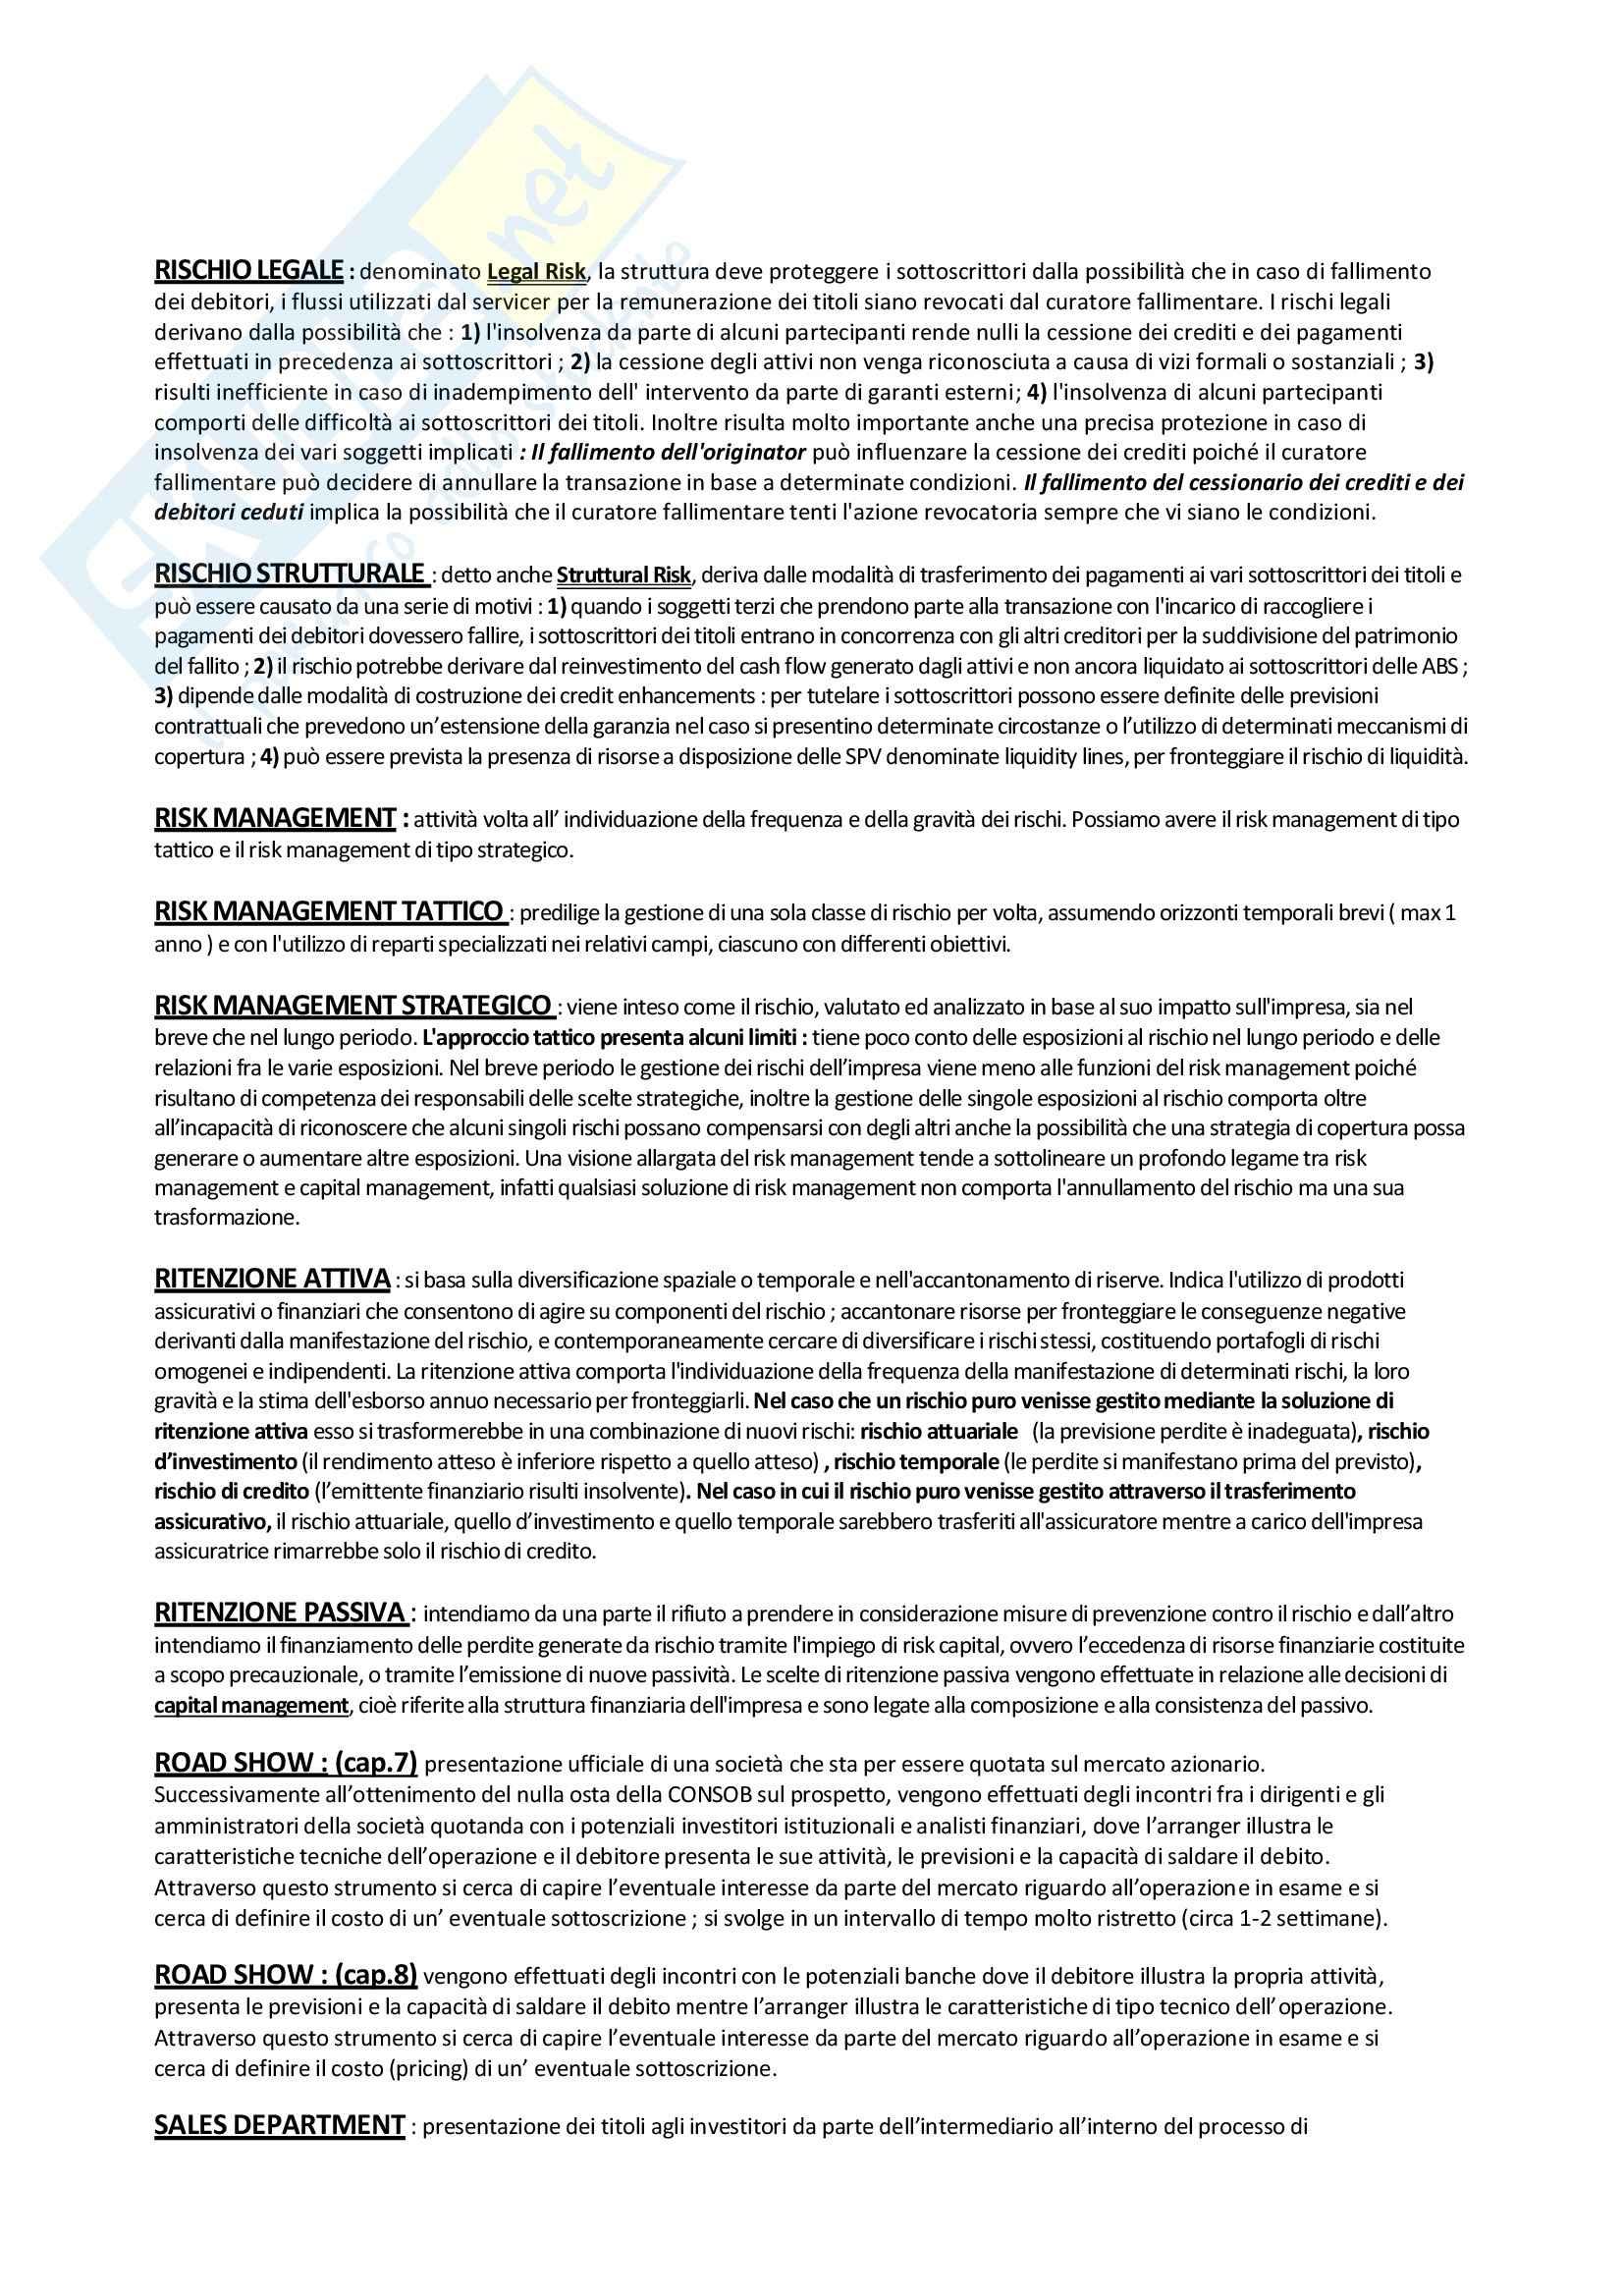 Economia degli intermediari finanziari - Glossario Pag. 21